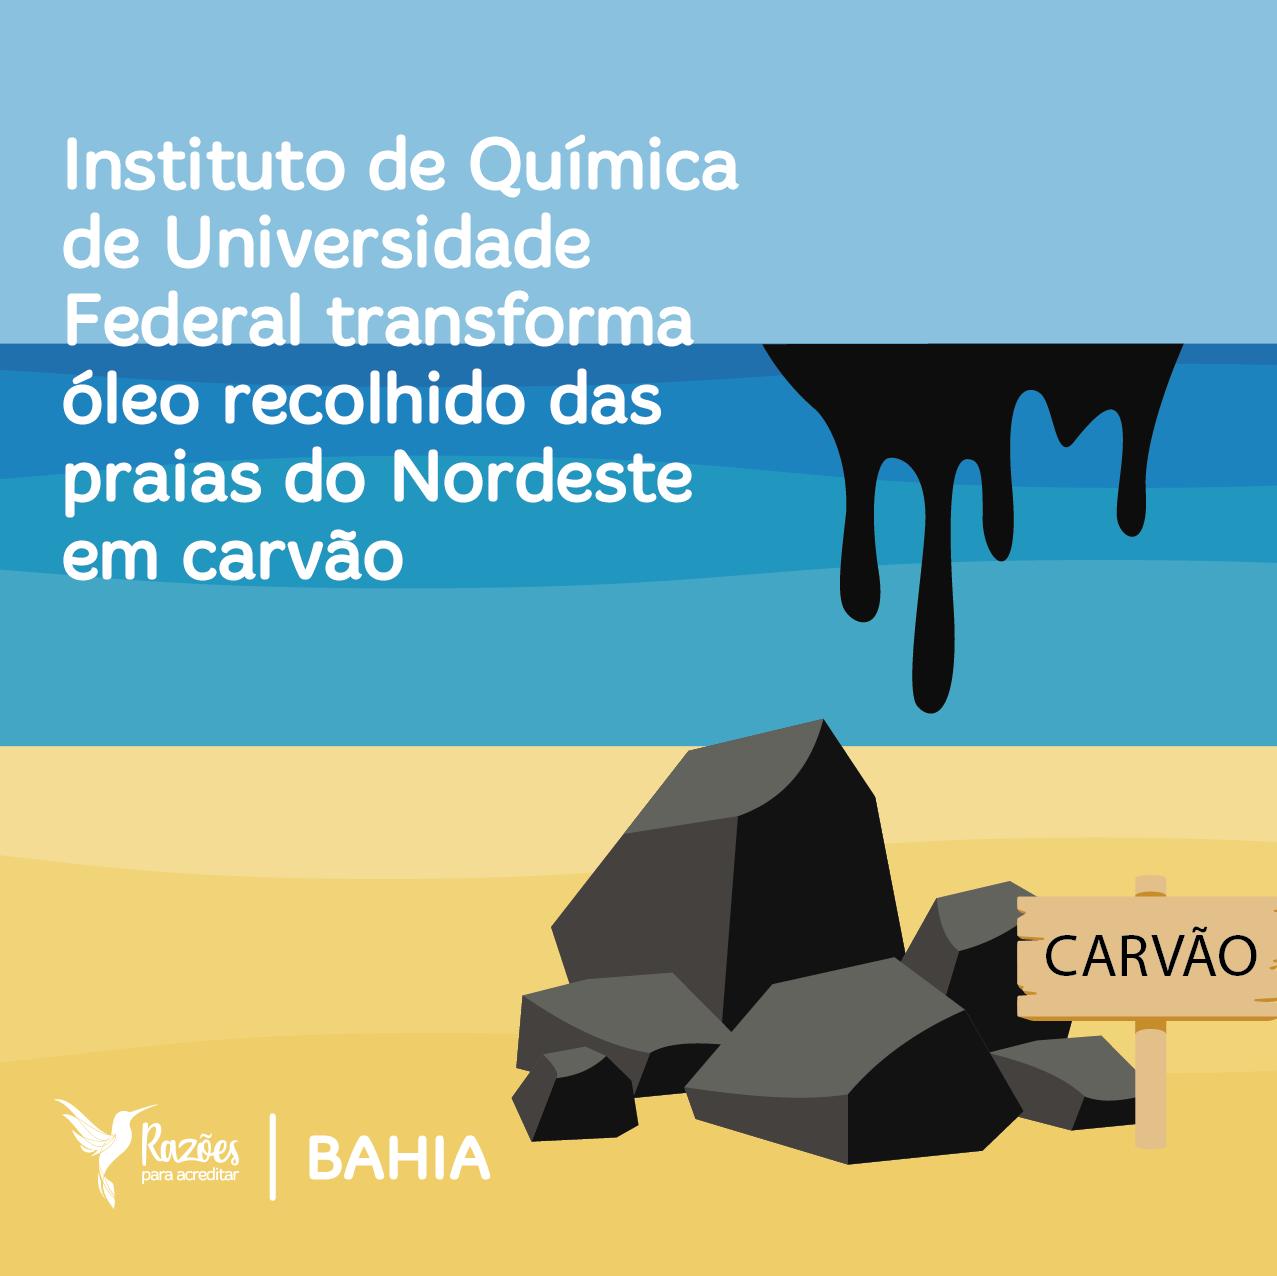 boas notícias ilustrações razões para acreditar Bahia